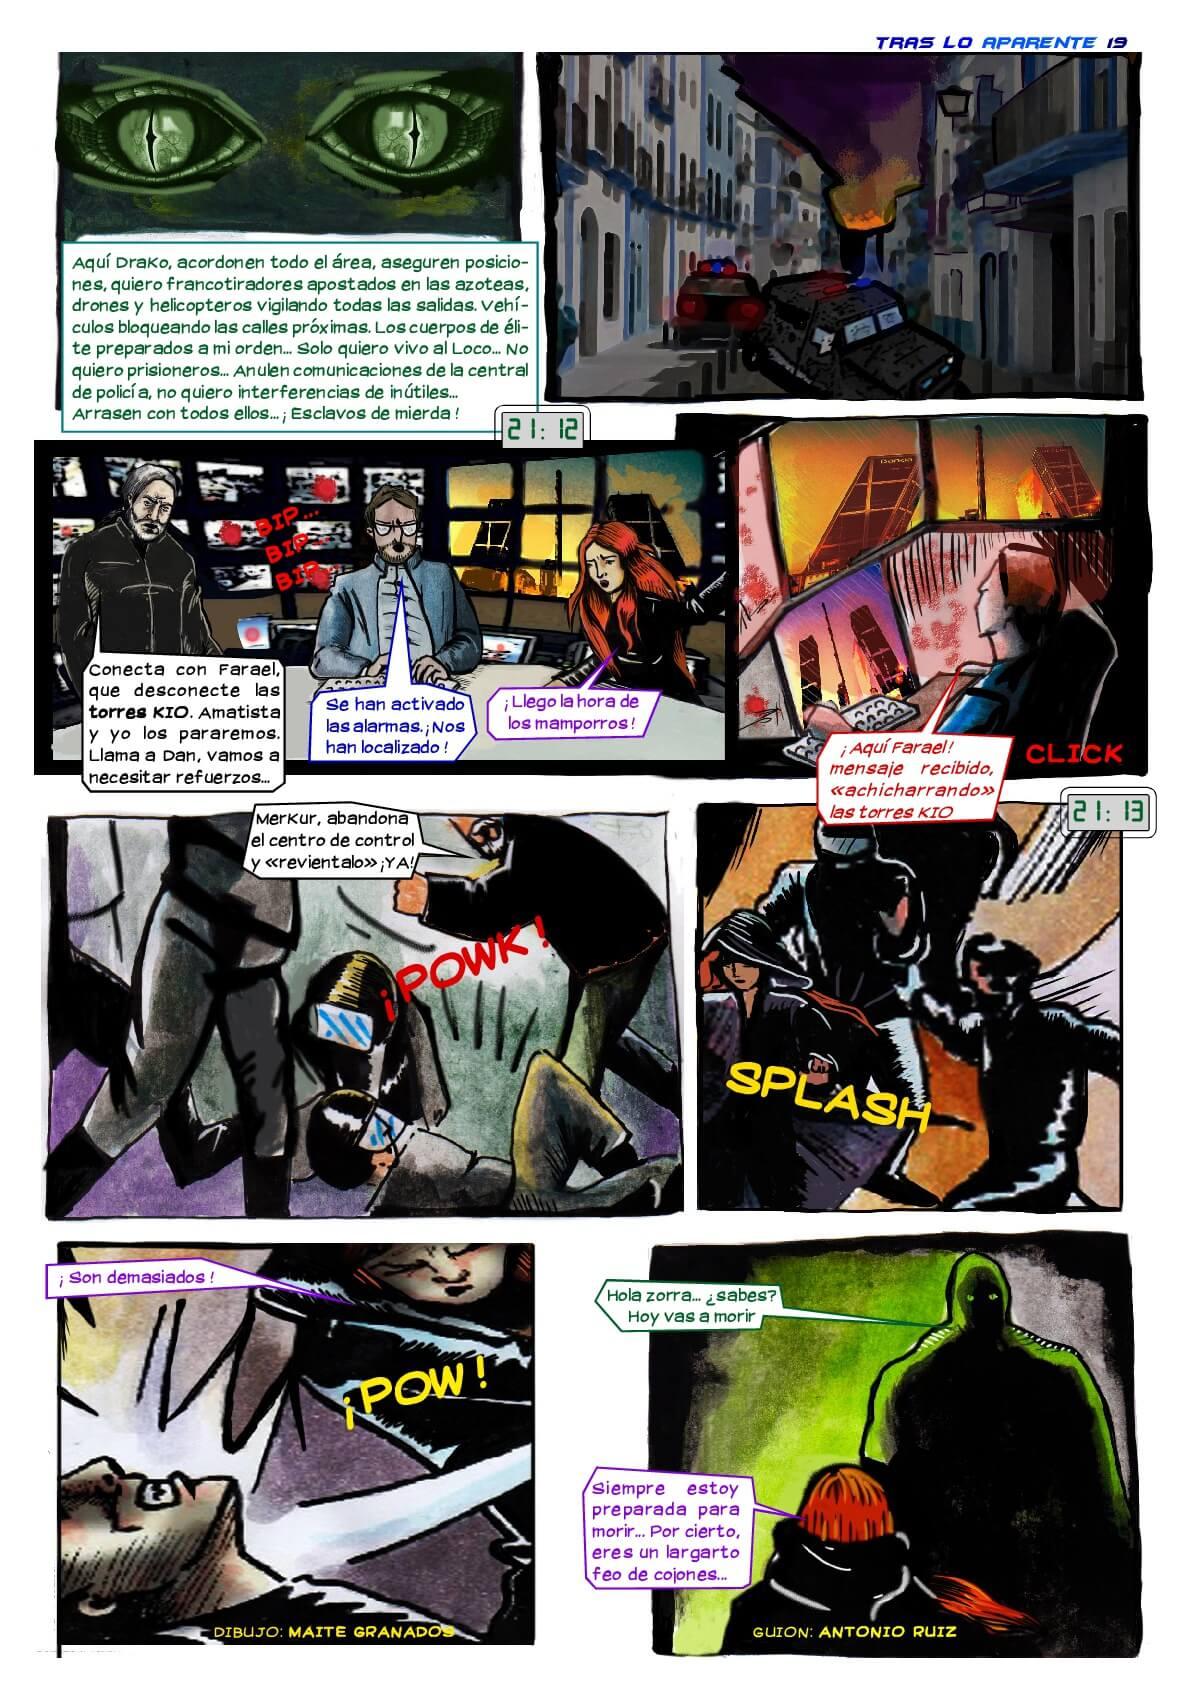 comic 19 (1)-001